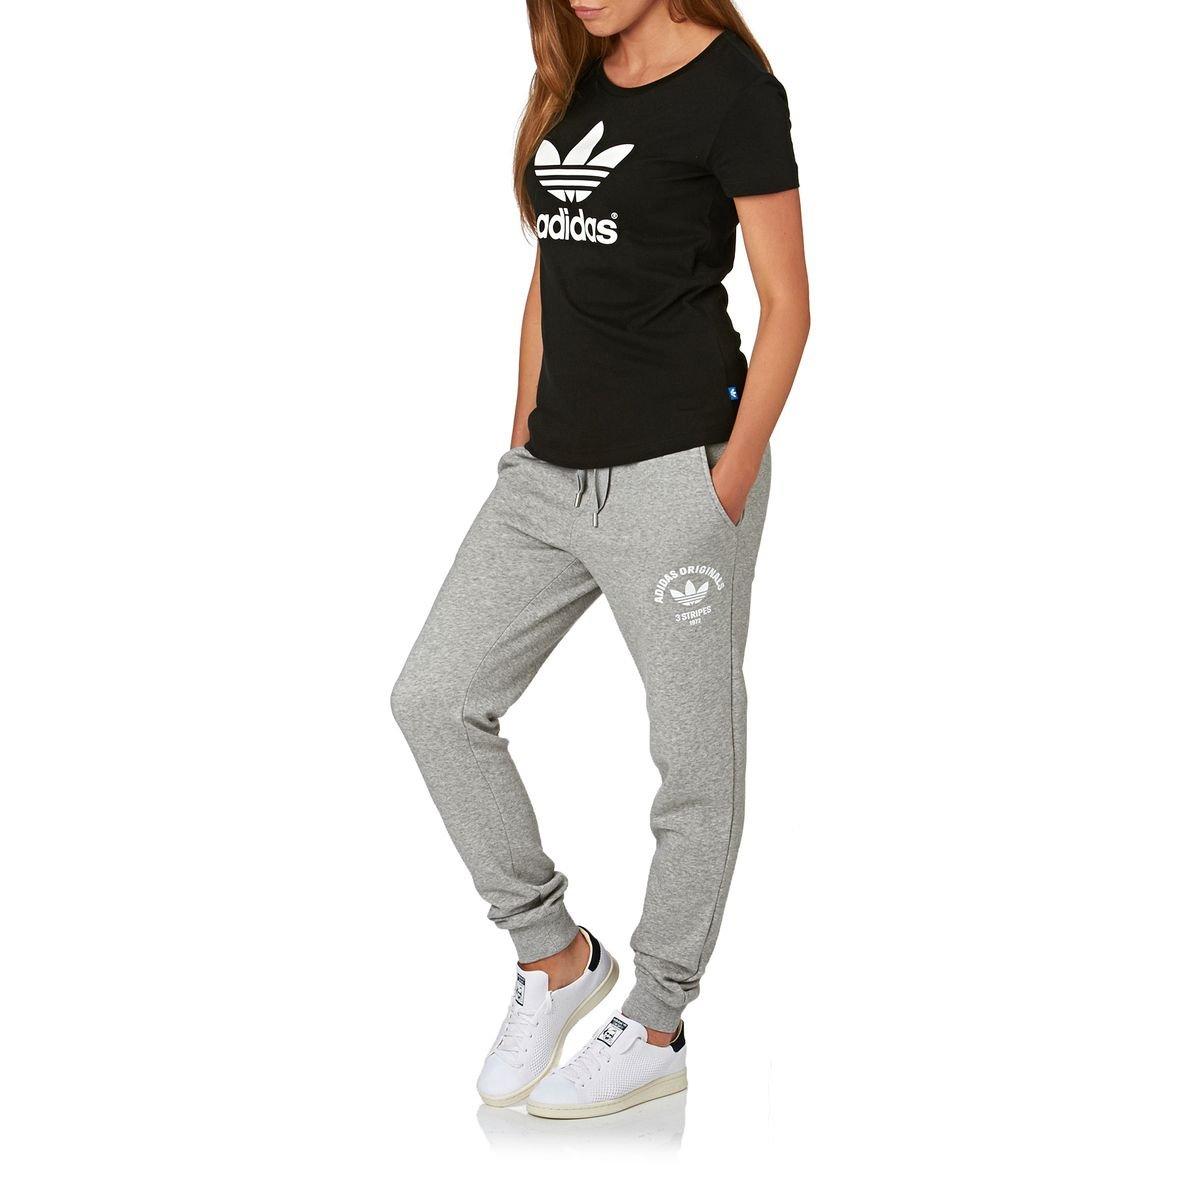 Pantalon Pour FemmeCoupe Survêtement Revers De DroiteAvec Adidas wnkX8O0P